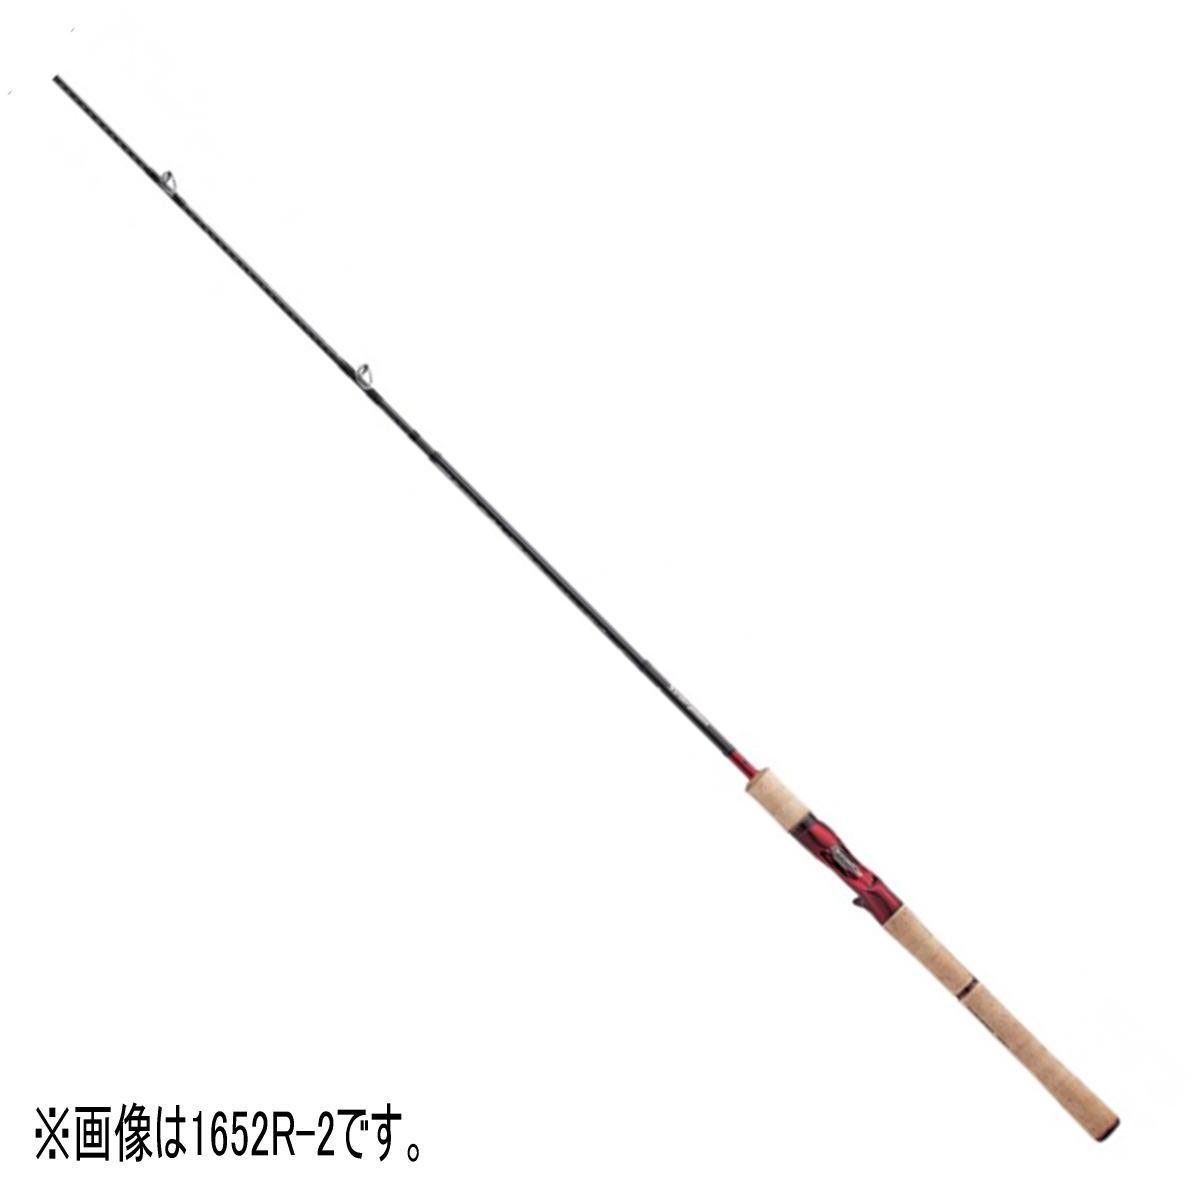 【送料無料5】シマノ ロッド スコーピオン 1604SS-5 【2020年新製品】